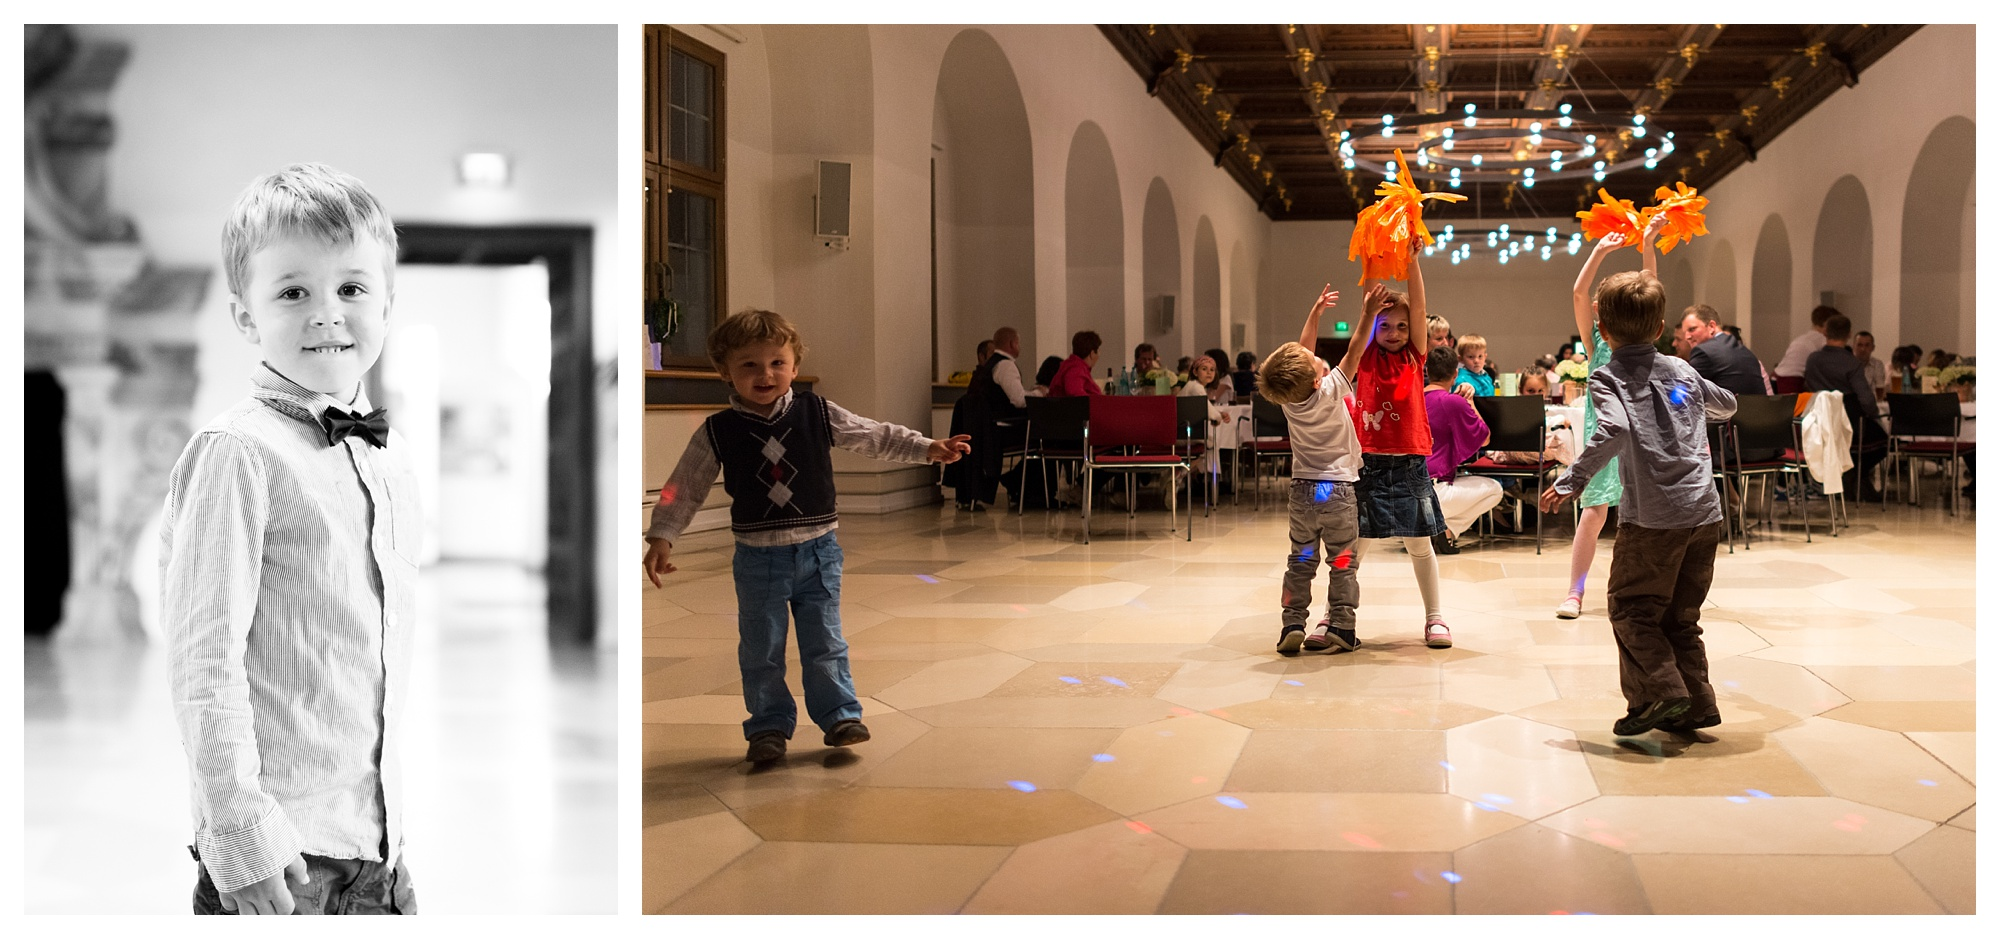 Fotograf Konstanz - Hochzeit Tanja Elmar Elmar Feuerbacher Photography Konstanz Messkirch Highlights 098 - Hochzeitsreportage von Tanja und Elmar im Schloss Meßkirch  - 198 -